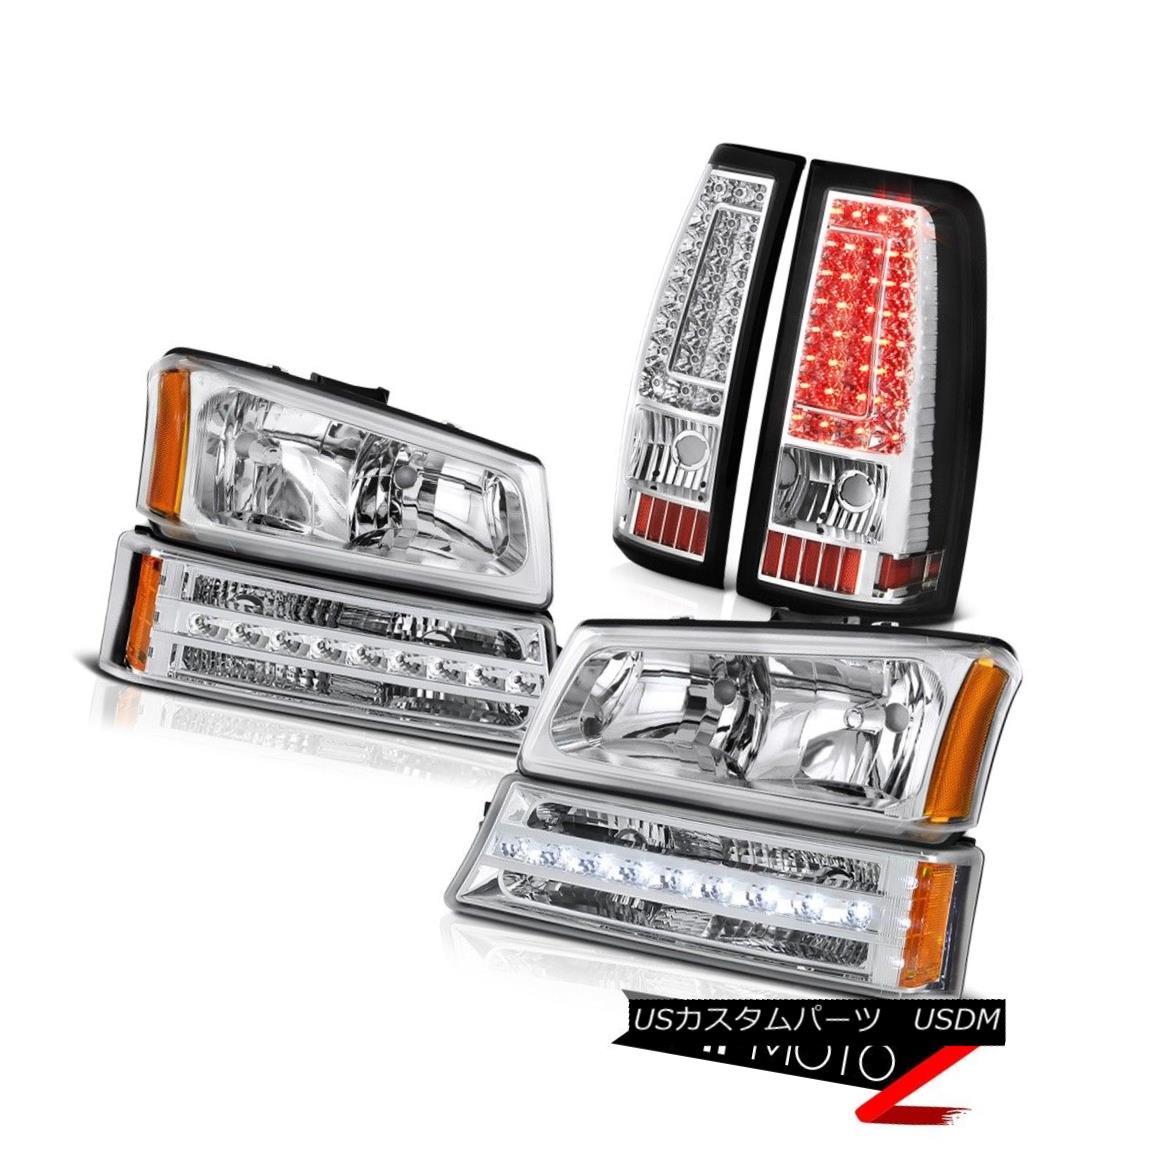 ヘッドライト 03 04 05 06 Silverado 2500Hd Clear Chrome Parking Brake Lights Light Headlights 03 04 05 06 Silverado 2500Hdクリアクロームパーキングブレーキライトライトヘッドライト